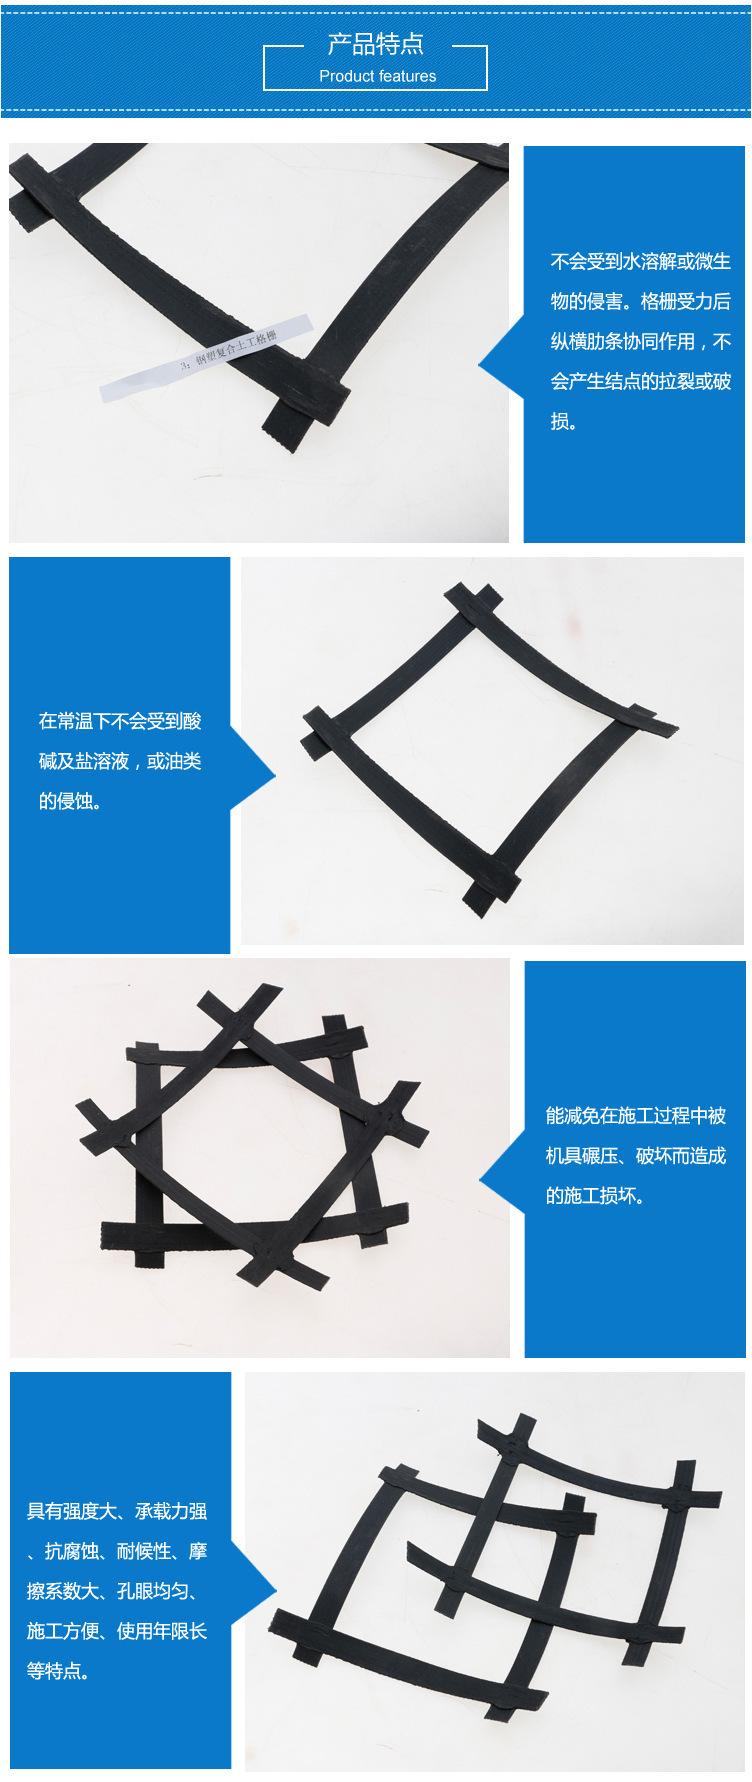 钢塑复合土工格栅 新型熔焊工艺焊接钢塑复合土工格栅 土工格栅厂家示例图3